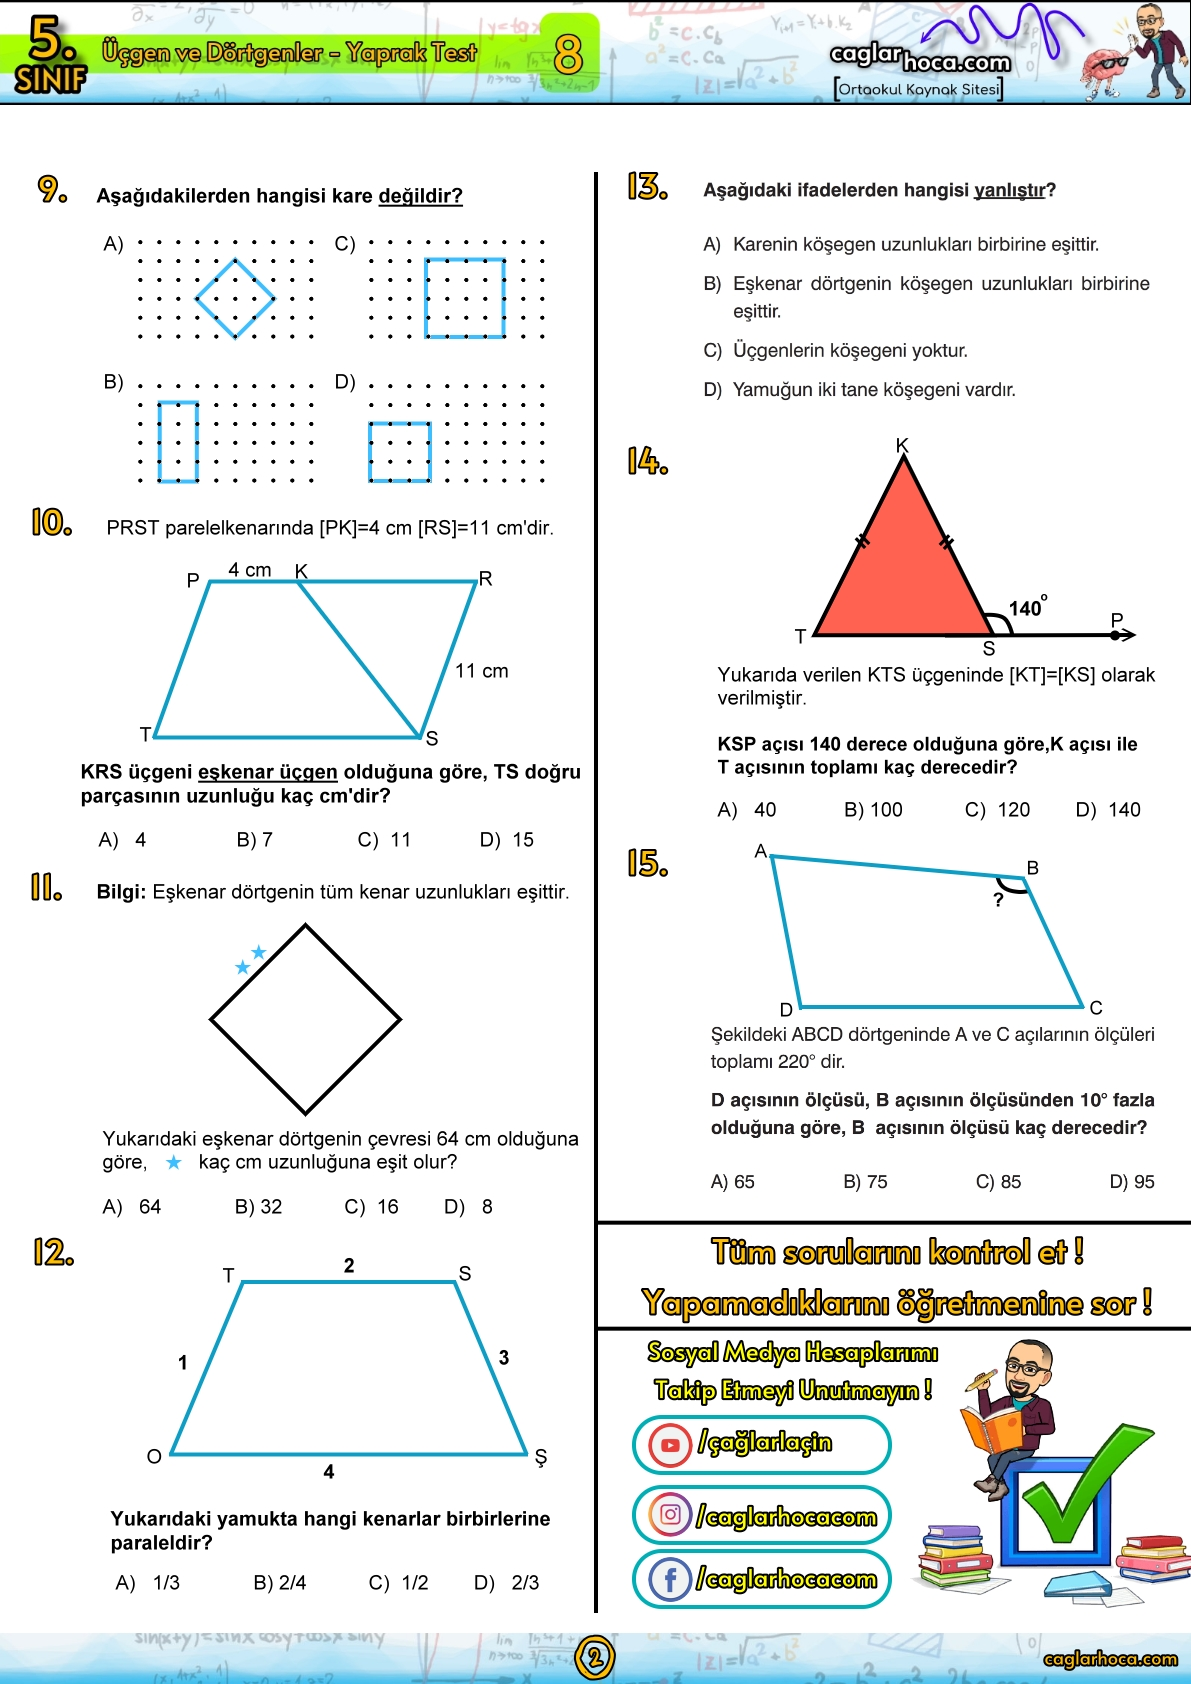 5.Sınıf 8.Ünite Üçgenler ve dörtgenler yaprak test